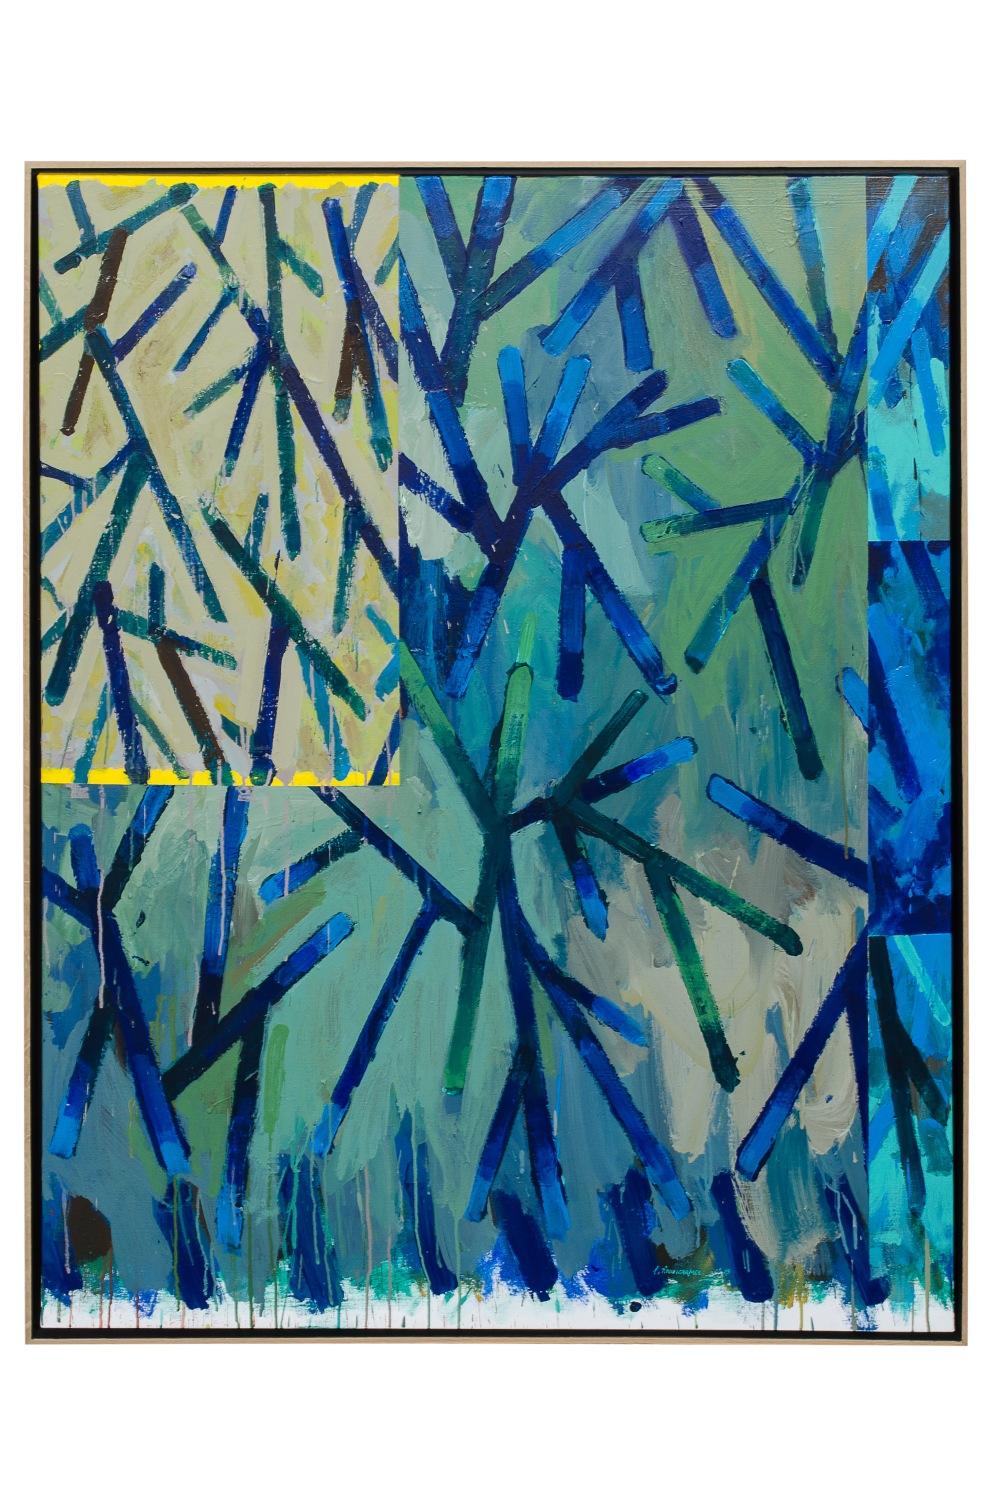 GTC Ramures - Peinture n°1, 2015, acrylique sur toile, 146 x 114 cm